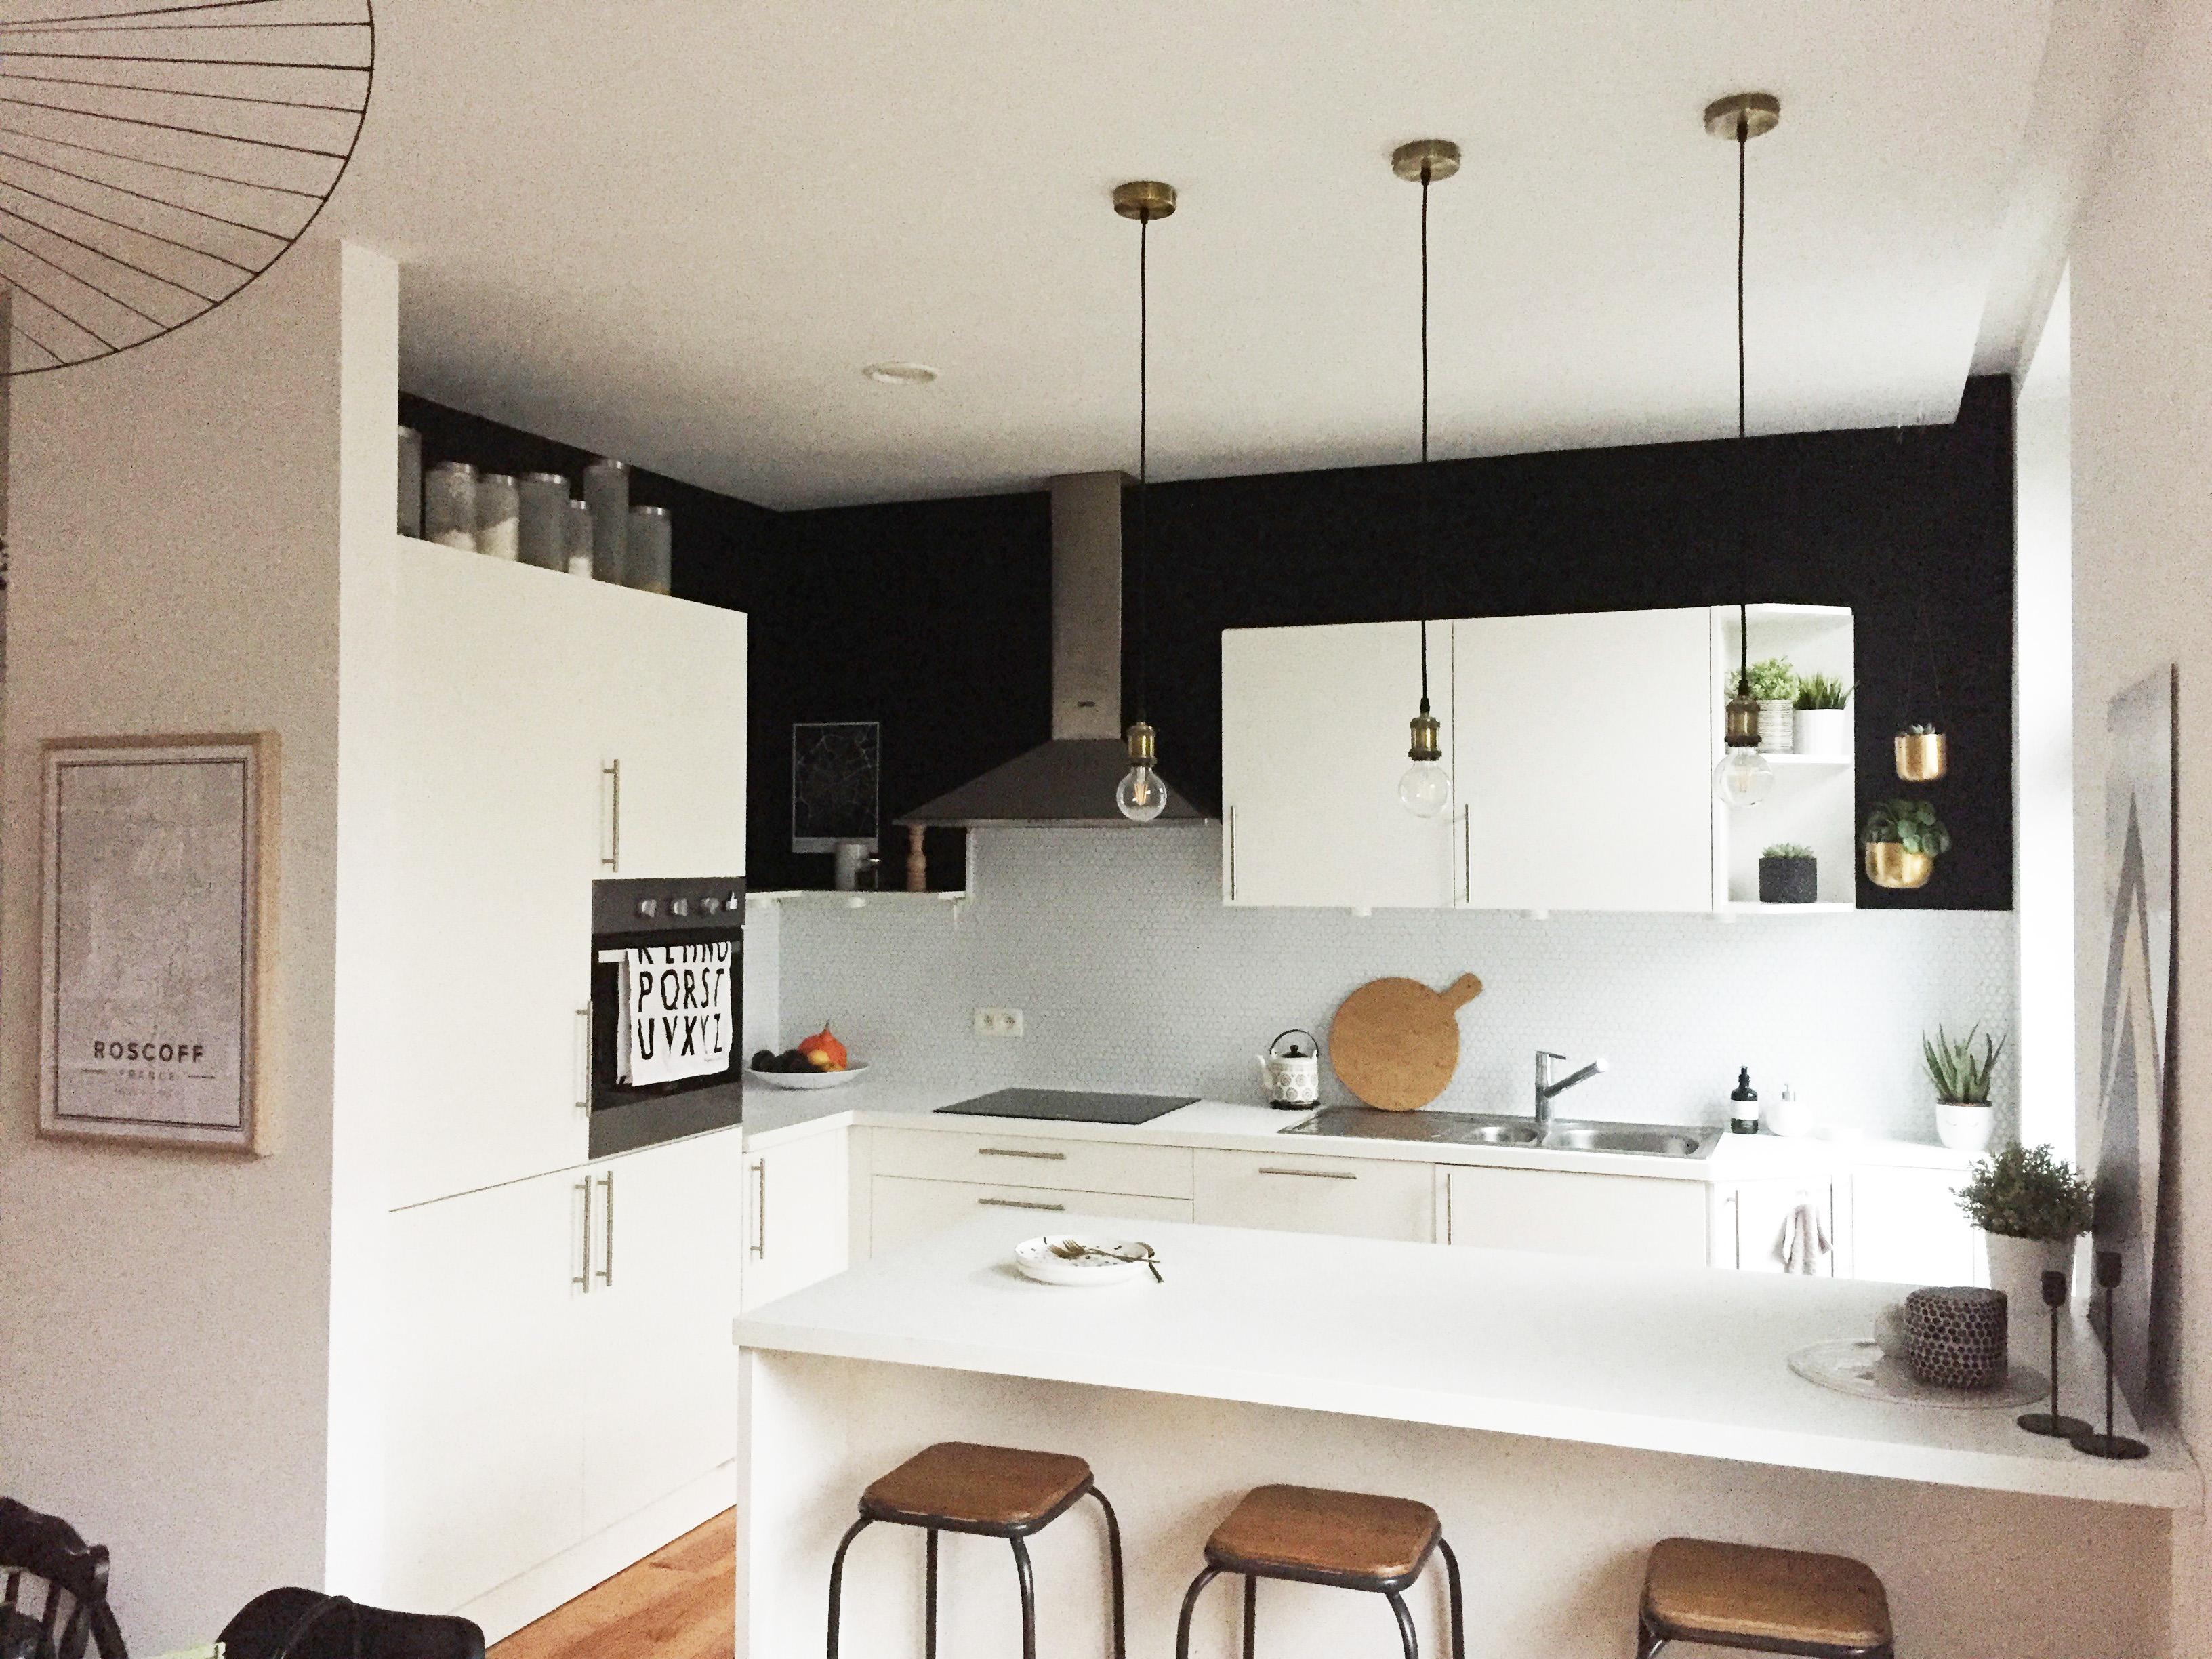 At Home - Du caractère pour ma cuisine (200/200)  Pierre Papier Ciseaux